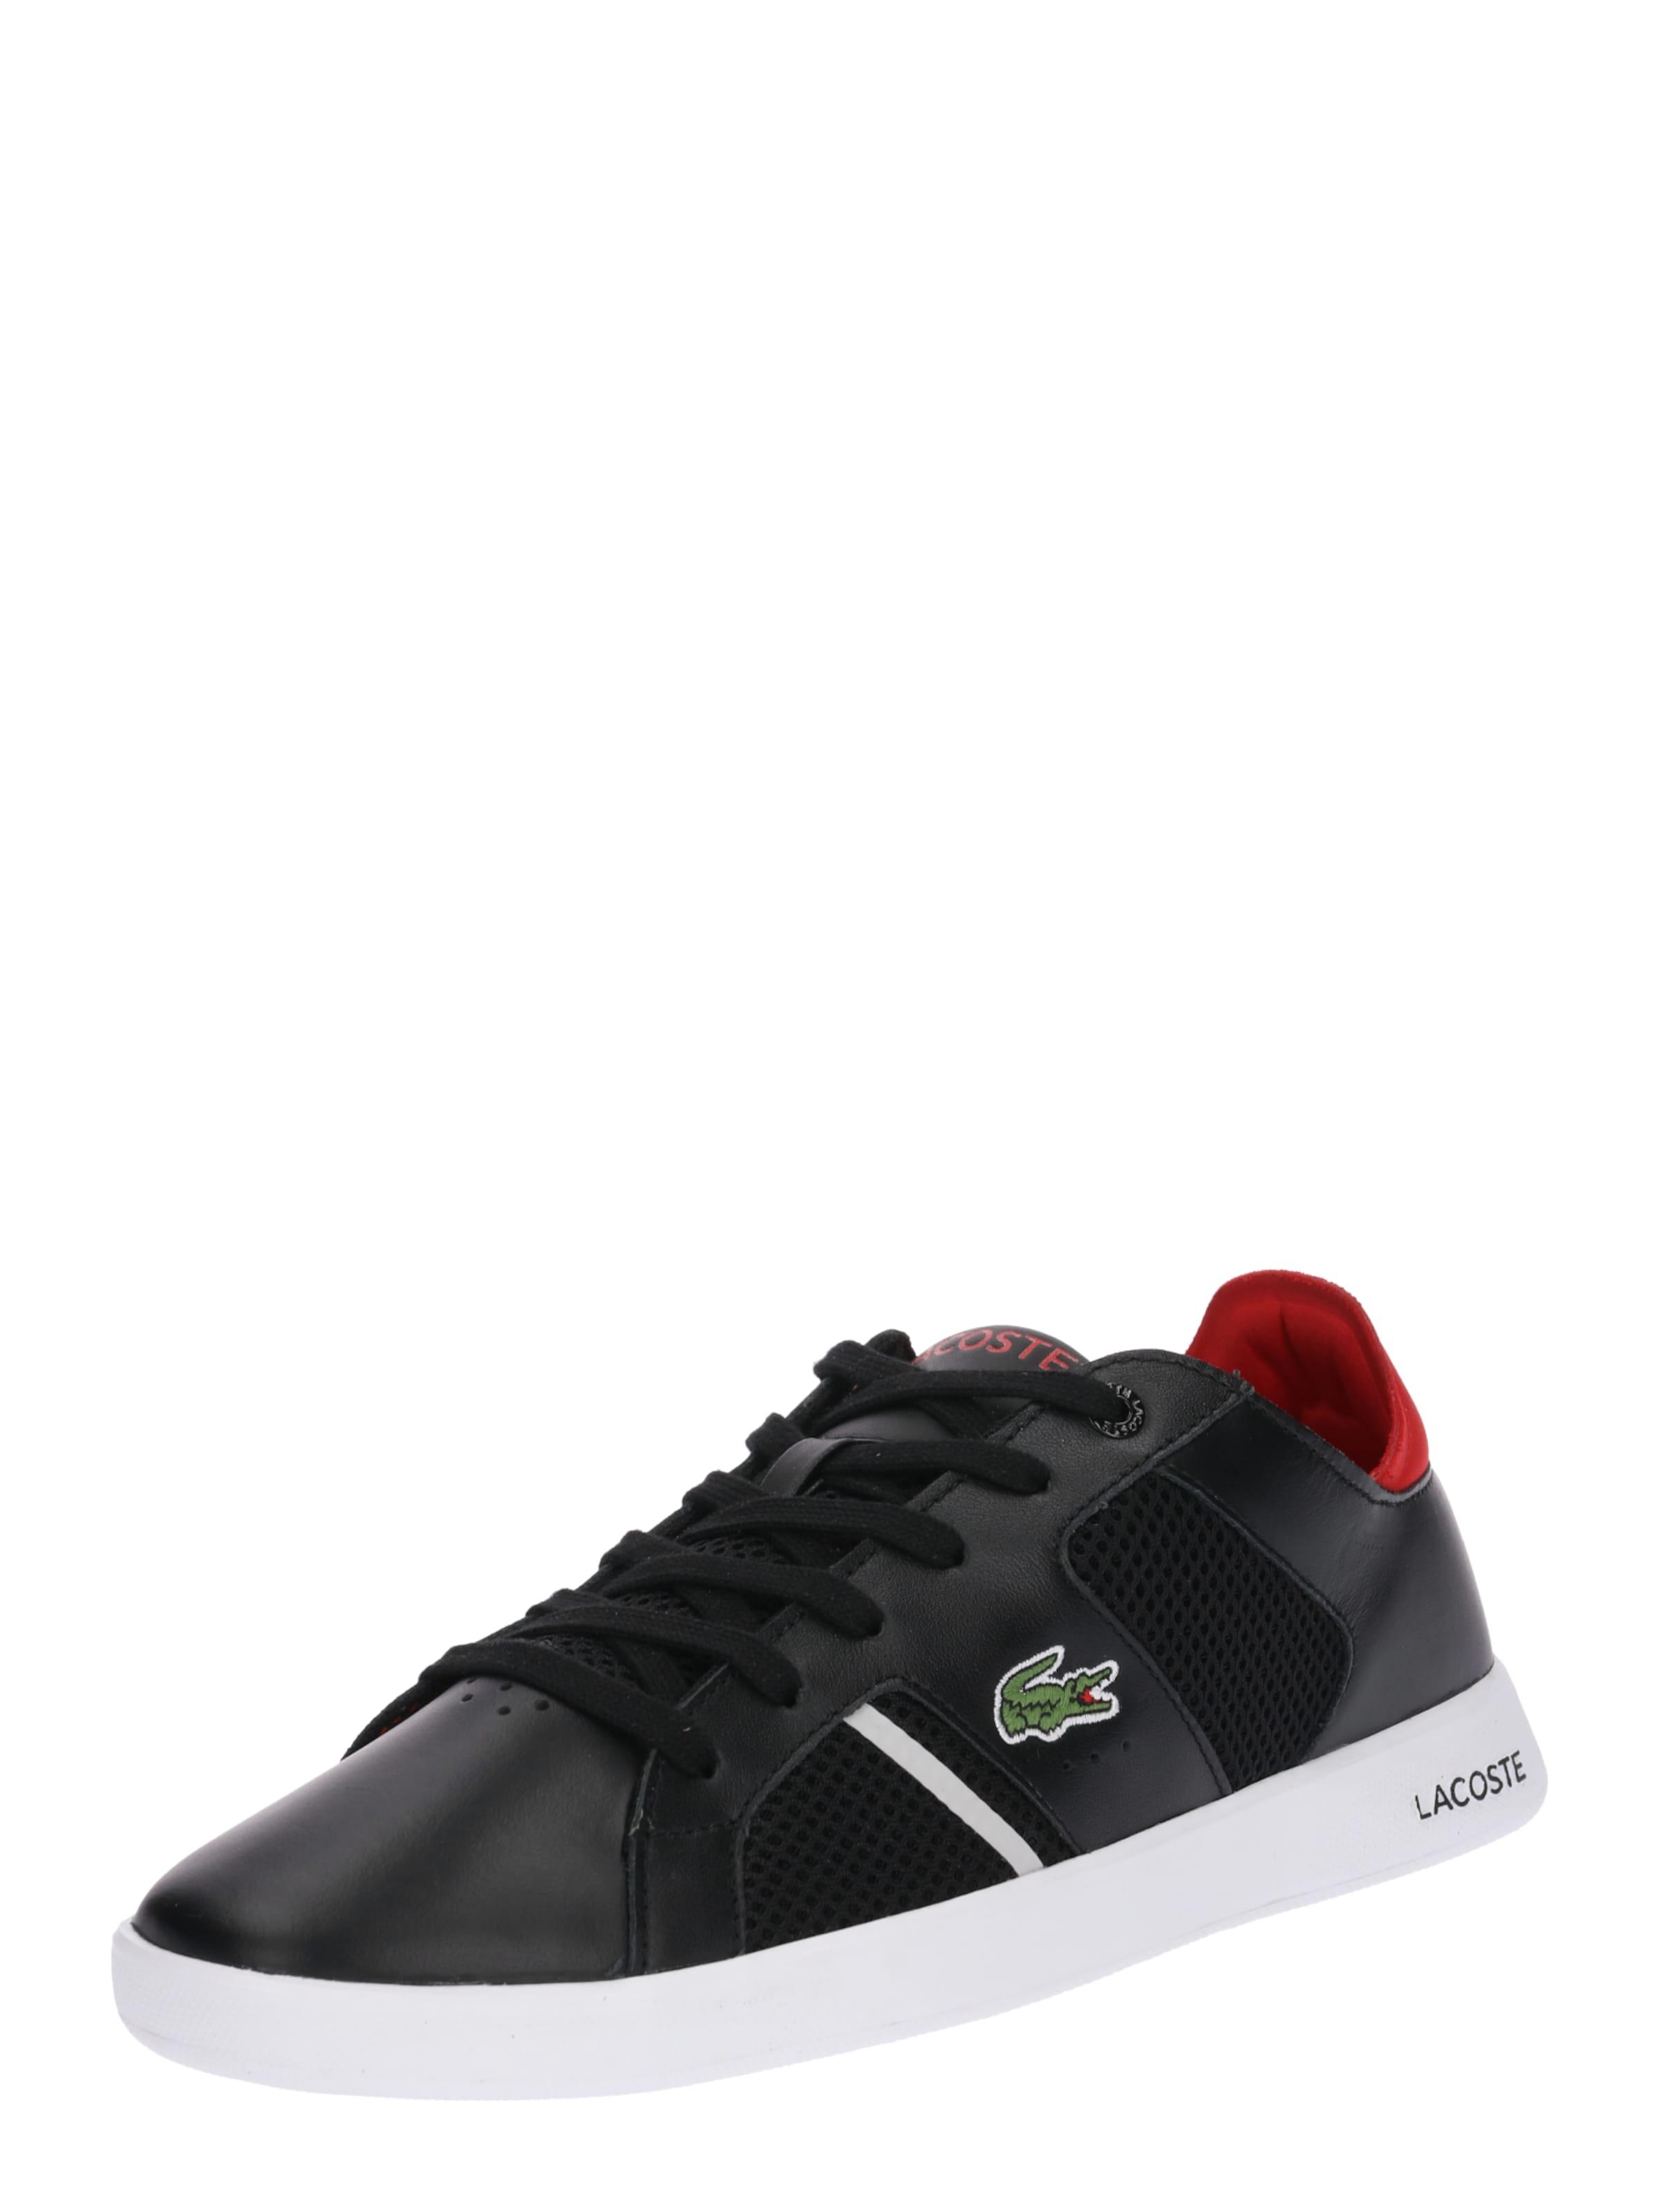 LACOSTE Sneaker Sneaker LACOSTE NOVAS CT 218 1 b2e762